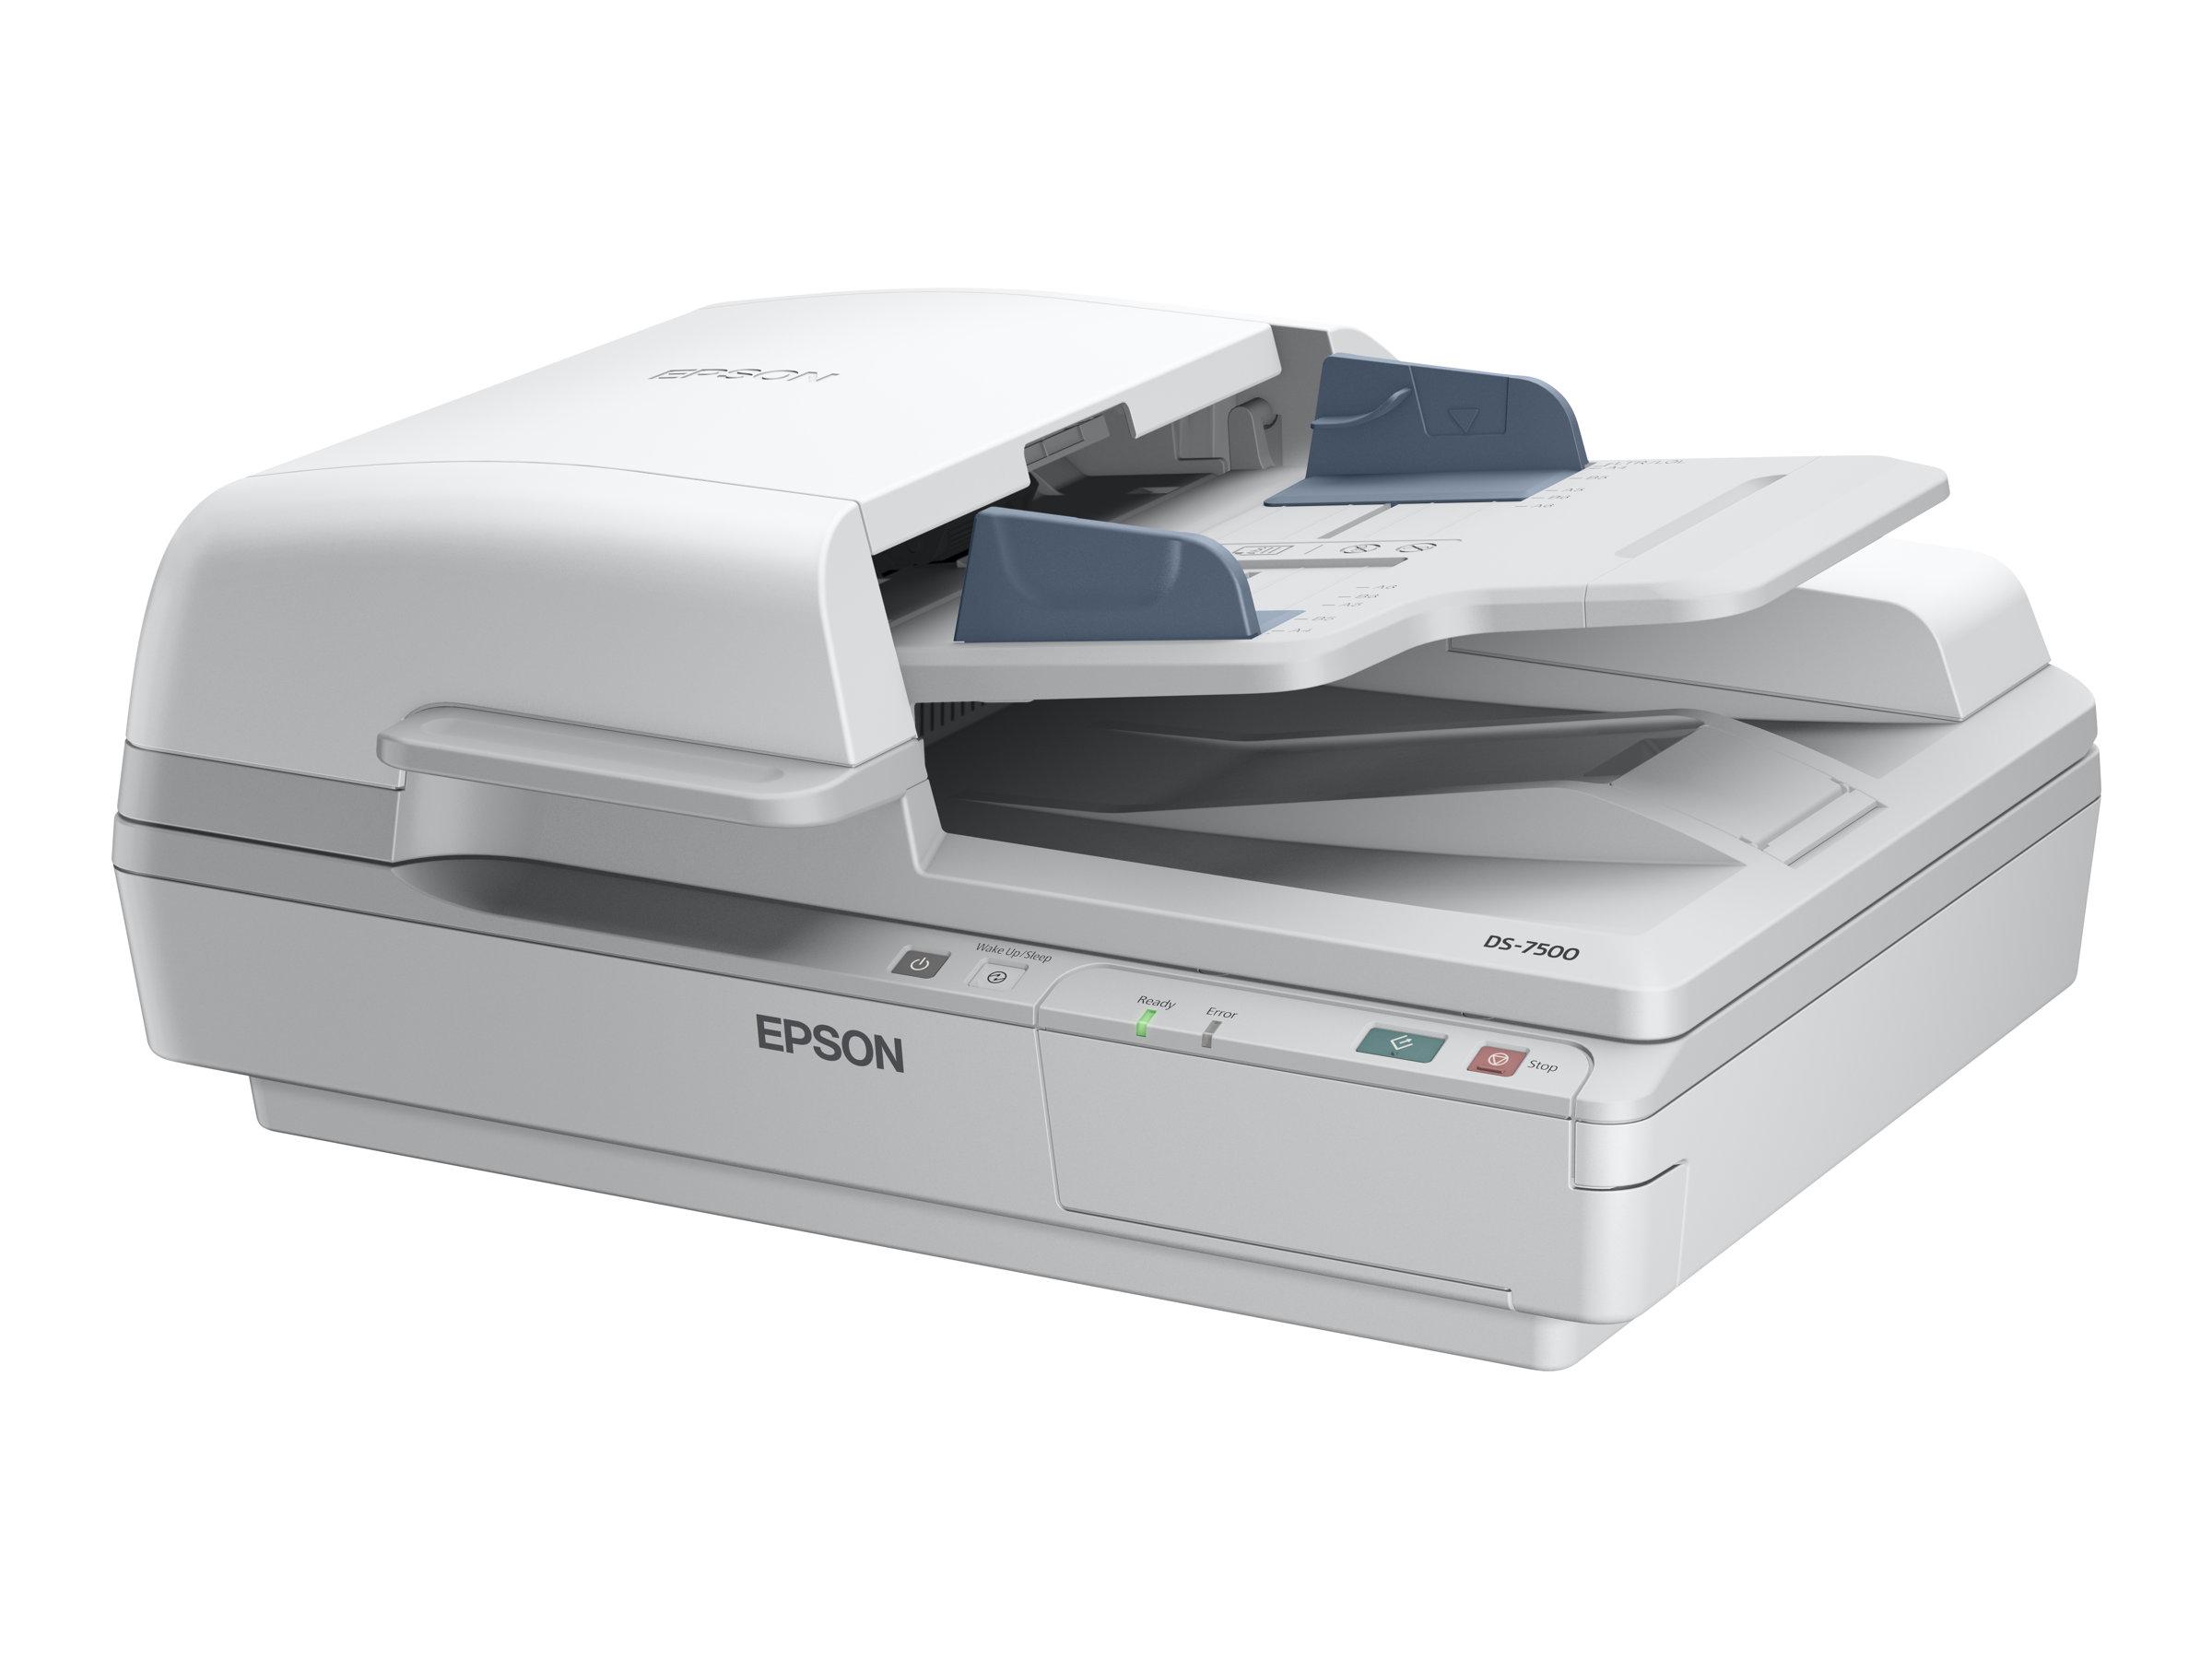 Epson WorkForce DS-6500 - Dokumentenscanner - Duplex - A4 - 1200 dpi x 1200 dpi - bis zu 25 Seiten/Min. (einfarbig)